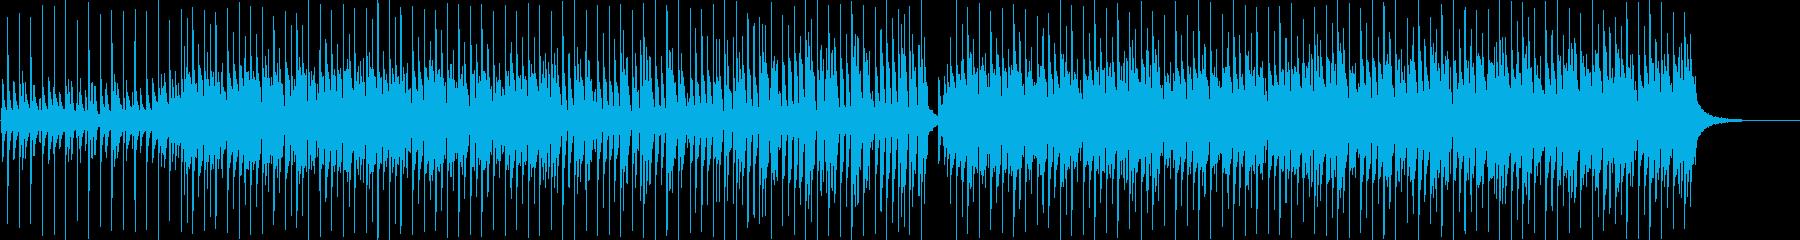 楽しい雰囲気のアコースティック曲の再生済みの波形